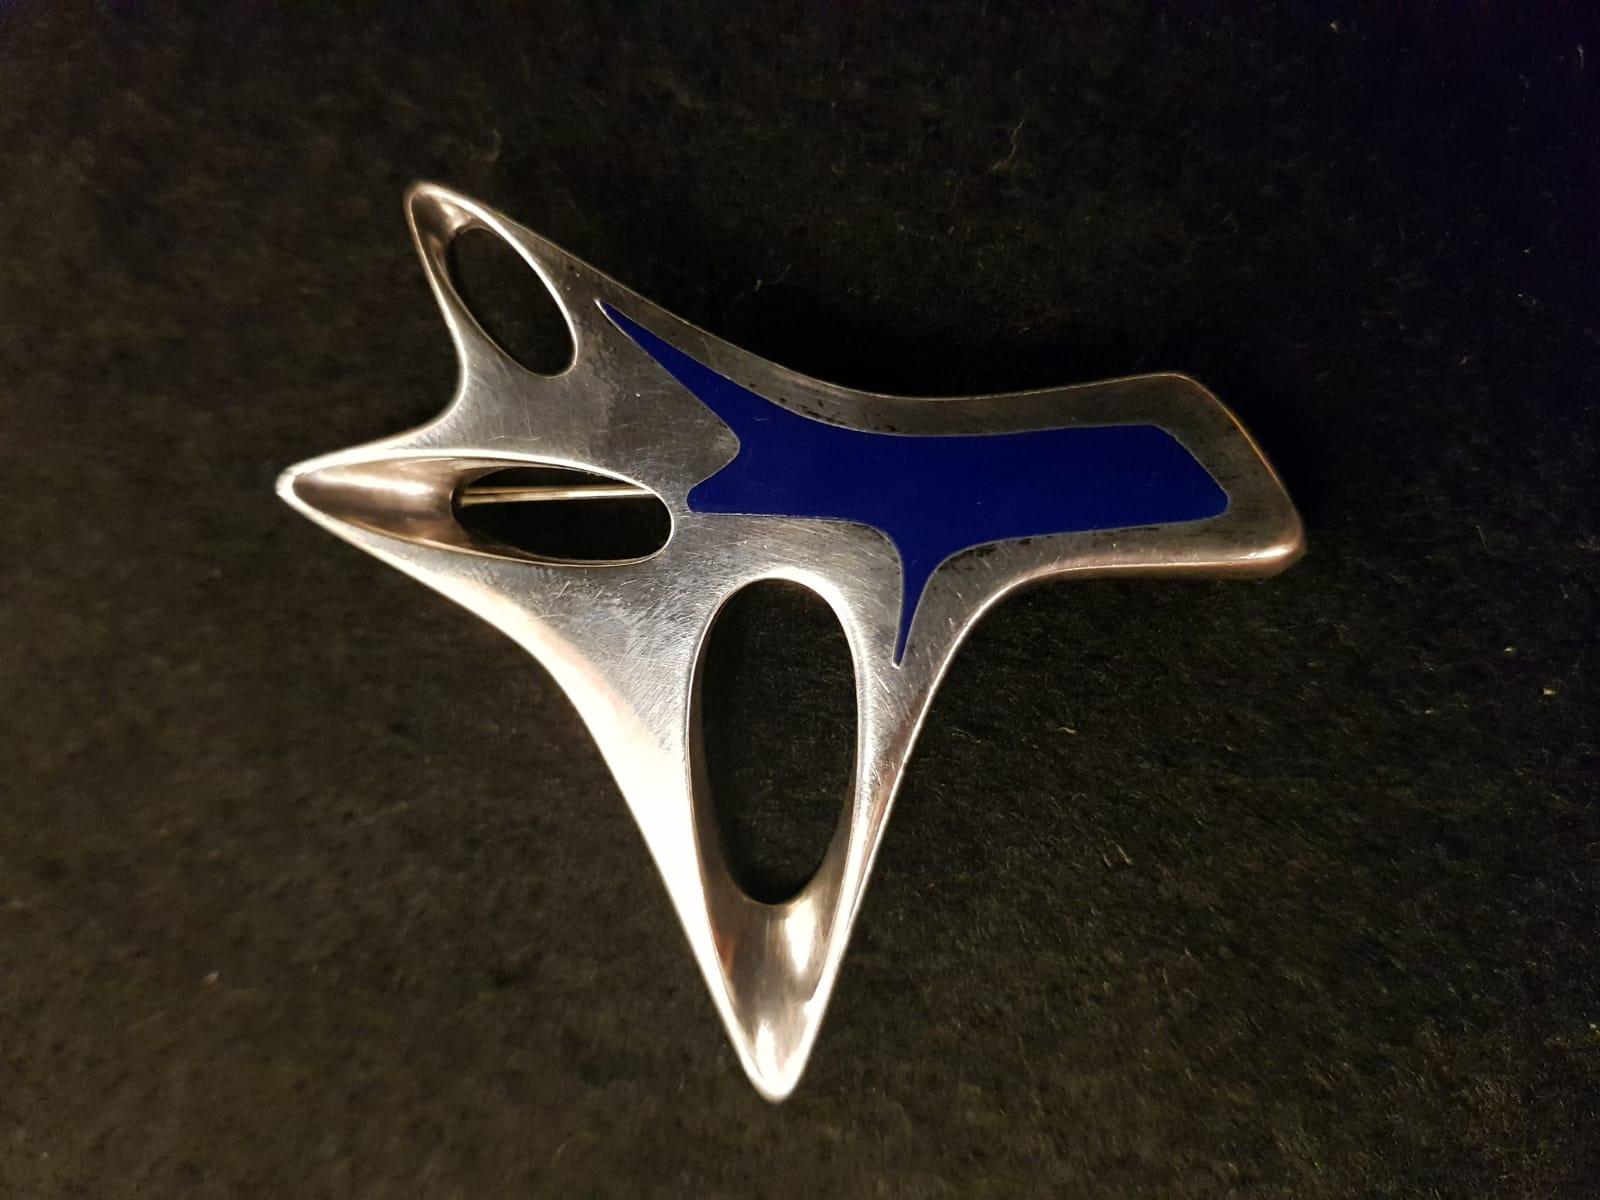 Silberbrosche Blaue Emaille Georg Jensen • Antiquitäten